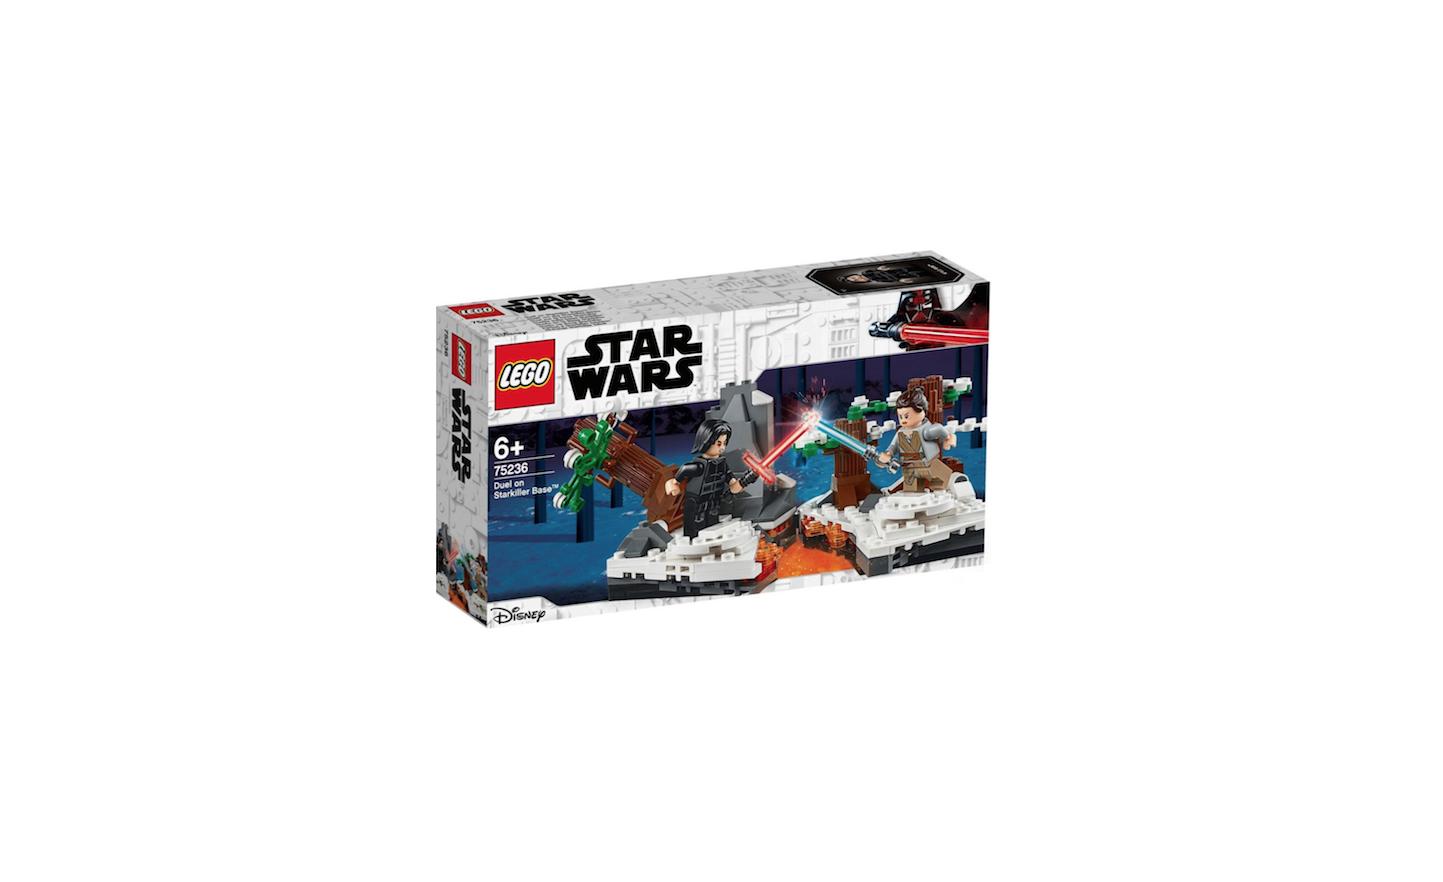 LEGO STAR WARS DUEL ON STARKILLER BASE JOUET JEU JEUX CONSTRUCTION ENFANT NOEL NEUF 5702016370133 COMASOUND KARTEL 75236 ITEM 6251711